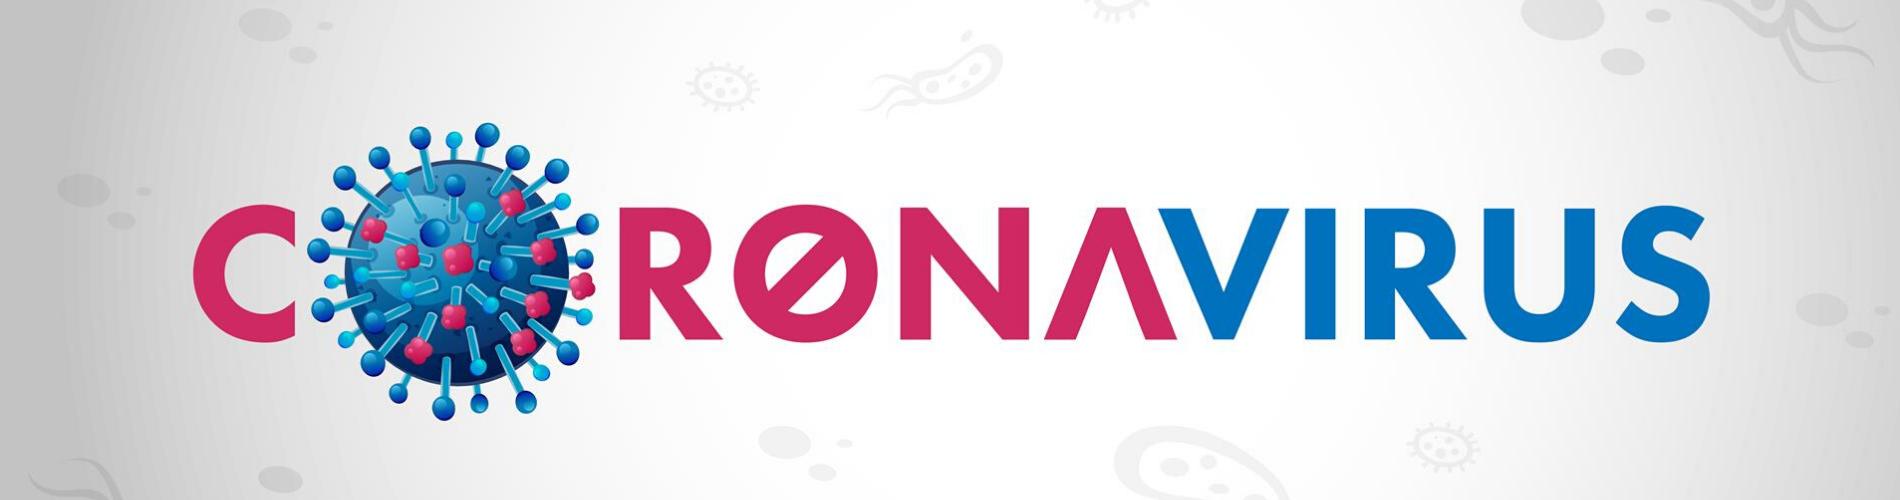 coronavirus header image